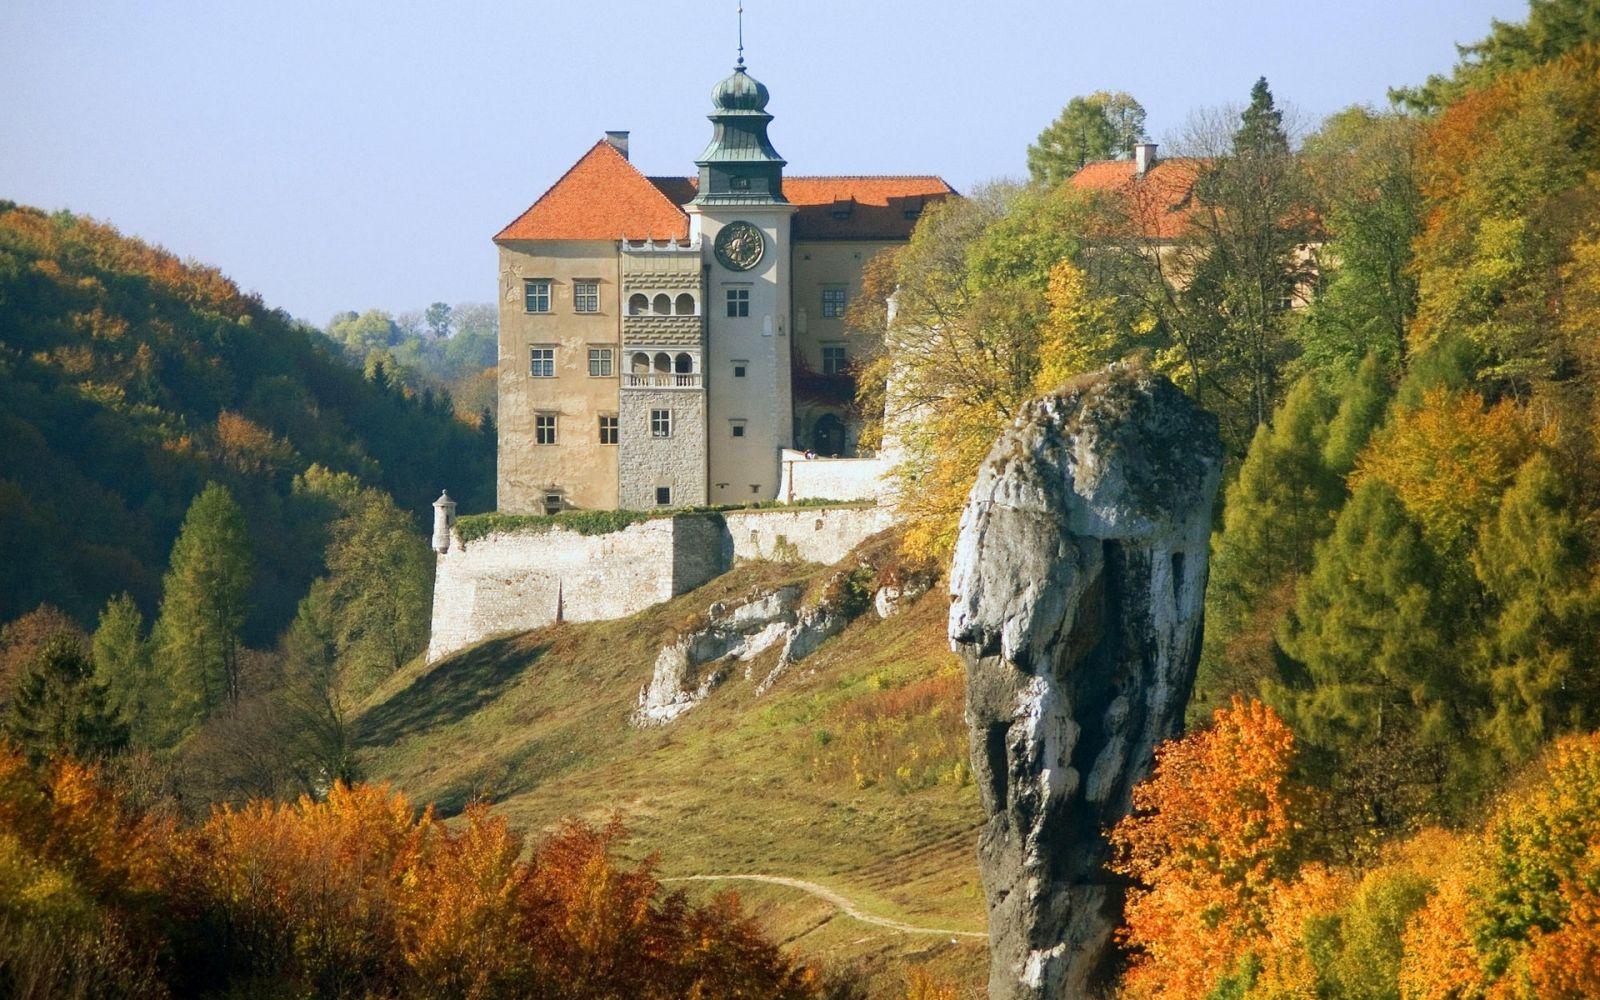 Il sentiero dei Nidi d'Aquila: trekking tra i castelli della Polonia